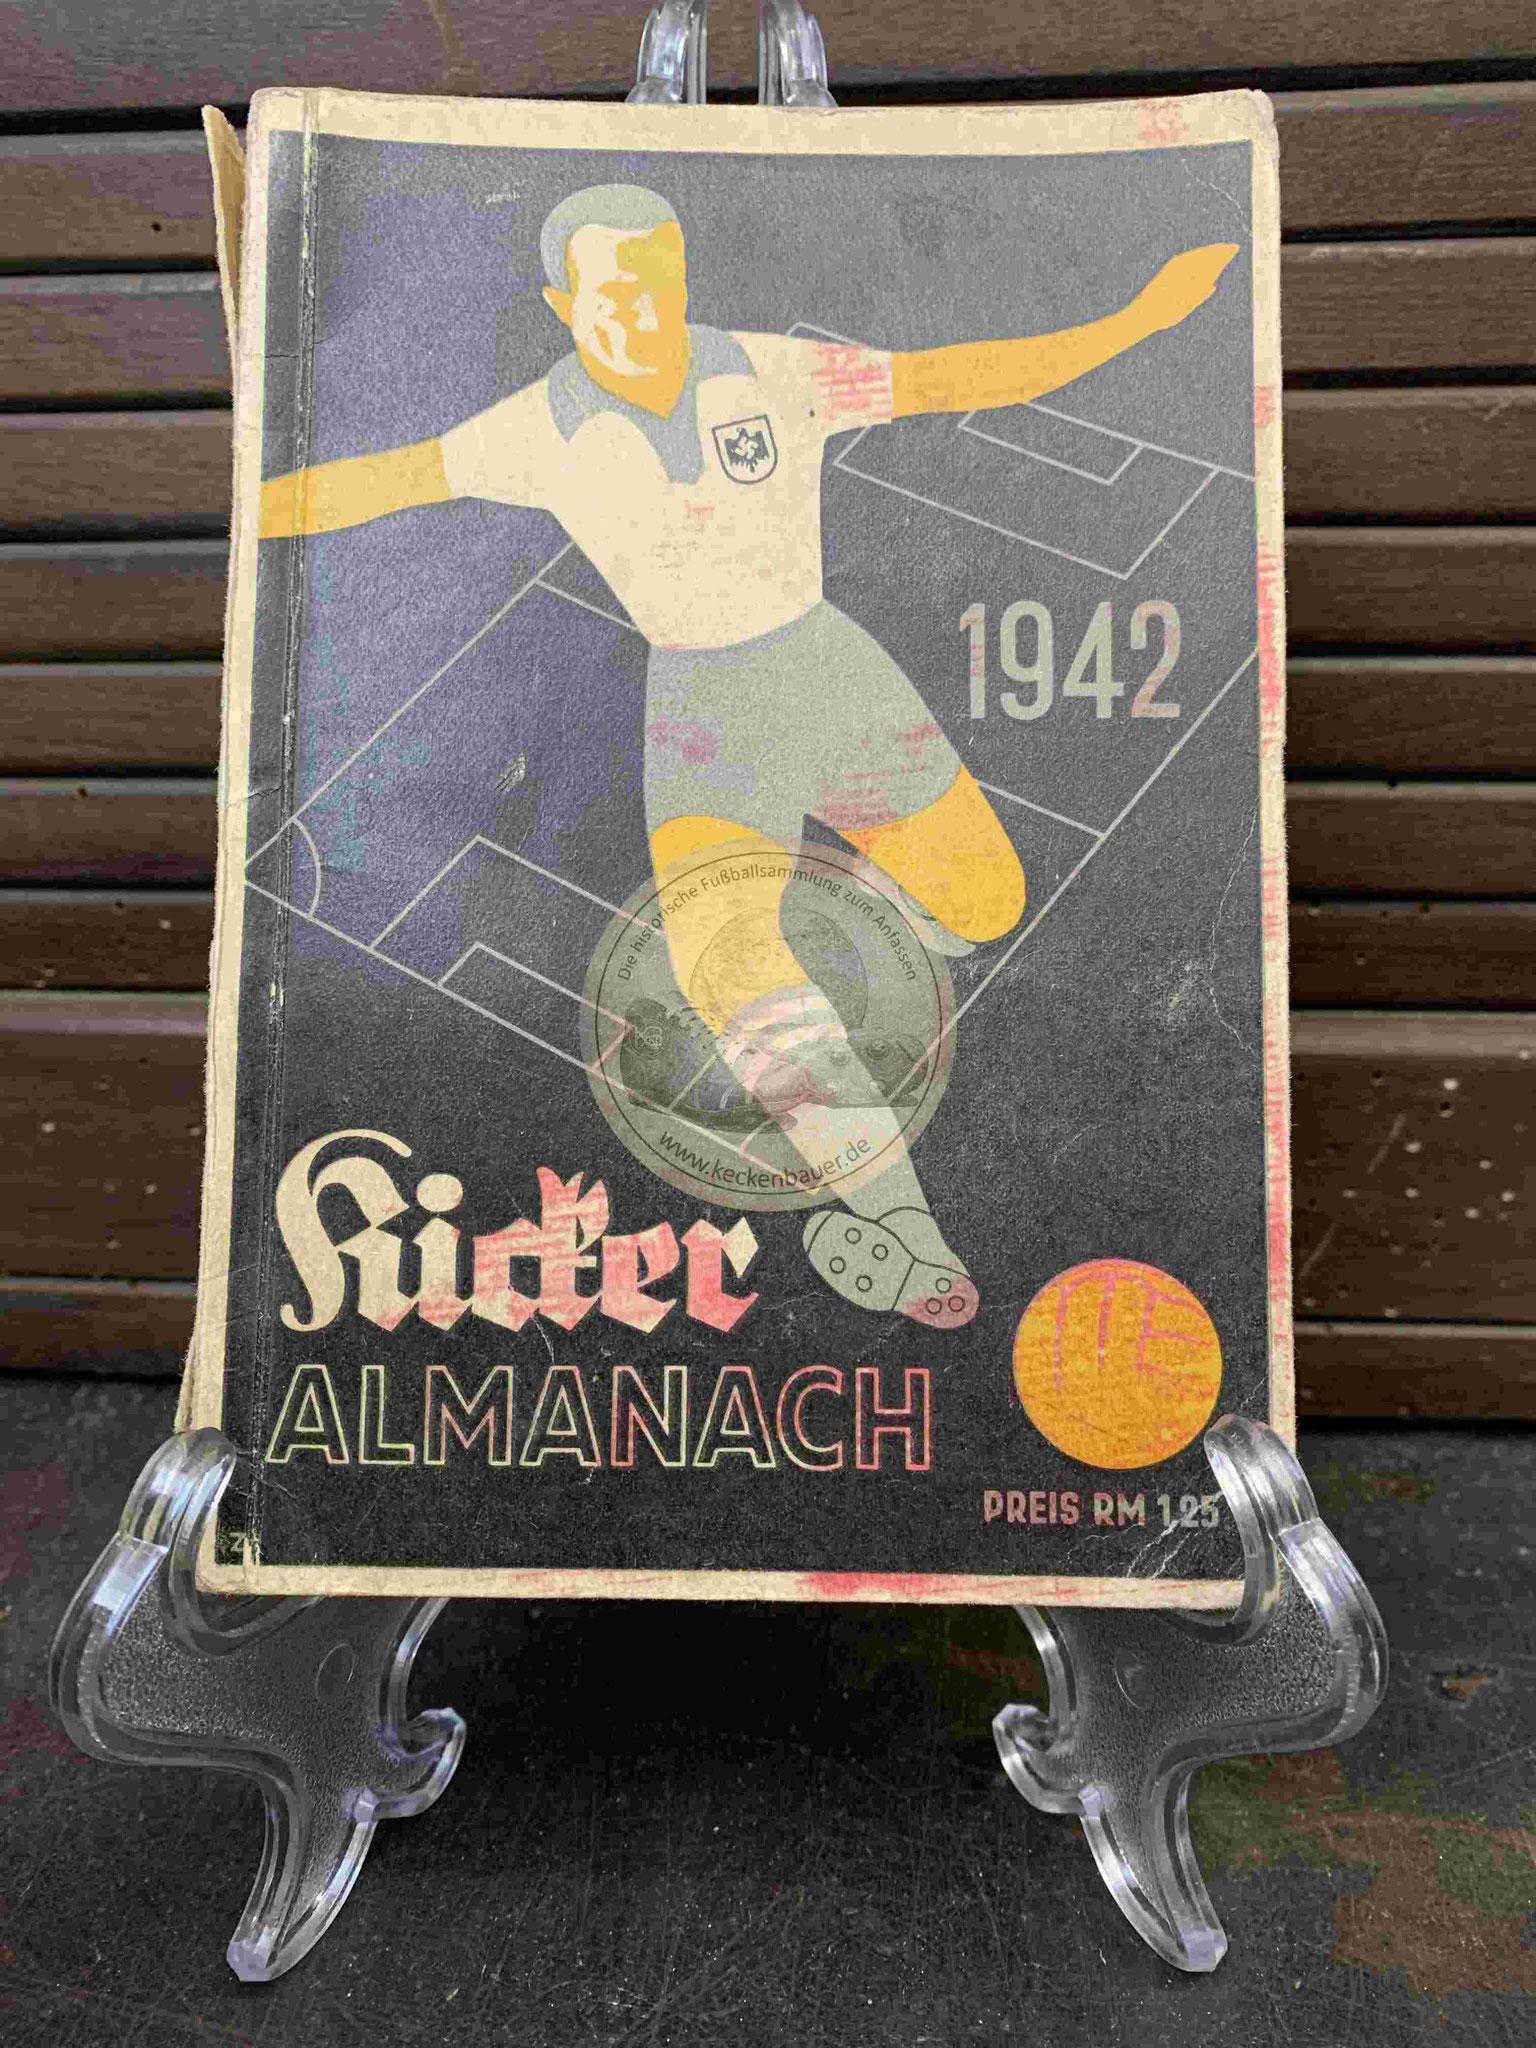 Kicker Almanach aus dem Jahr 1942